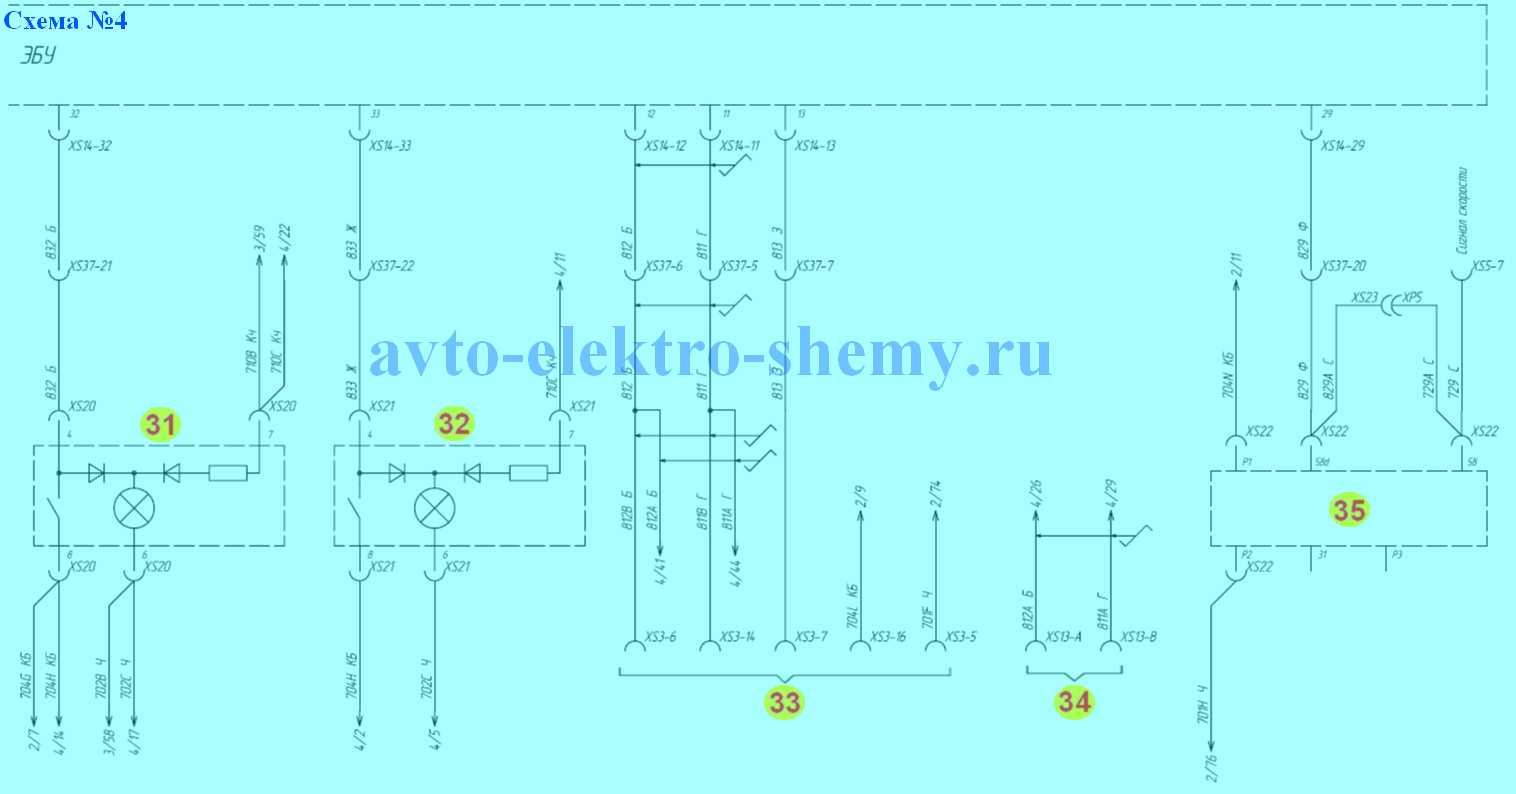 Схема подключения BOSCH MS6.1. на автомобиле Камаз, рис. 4.